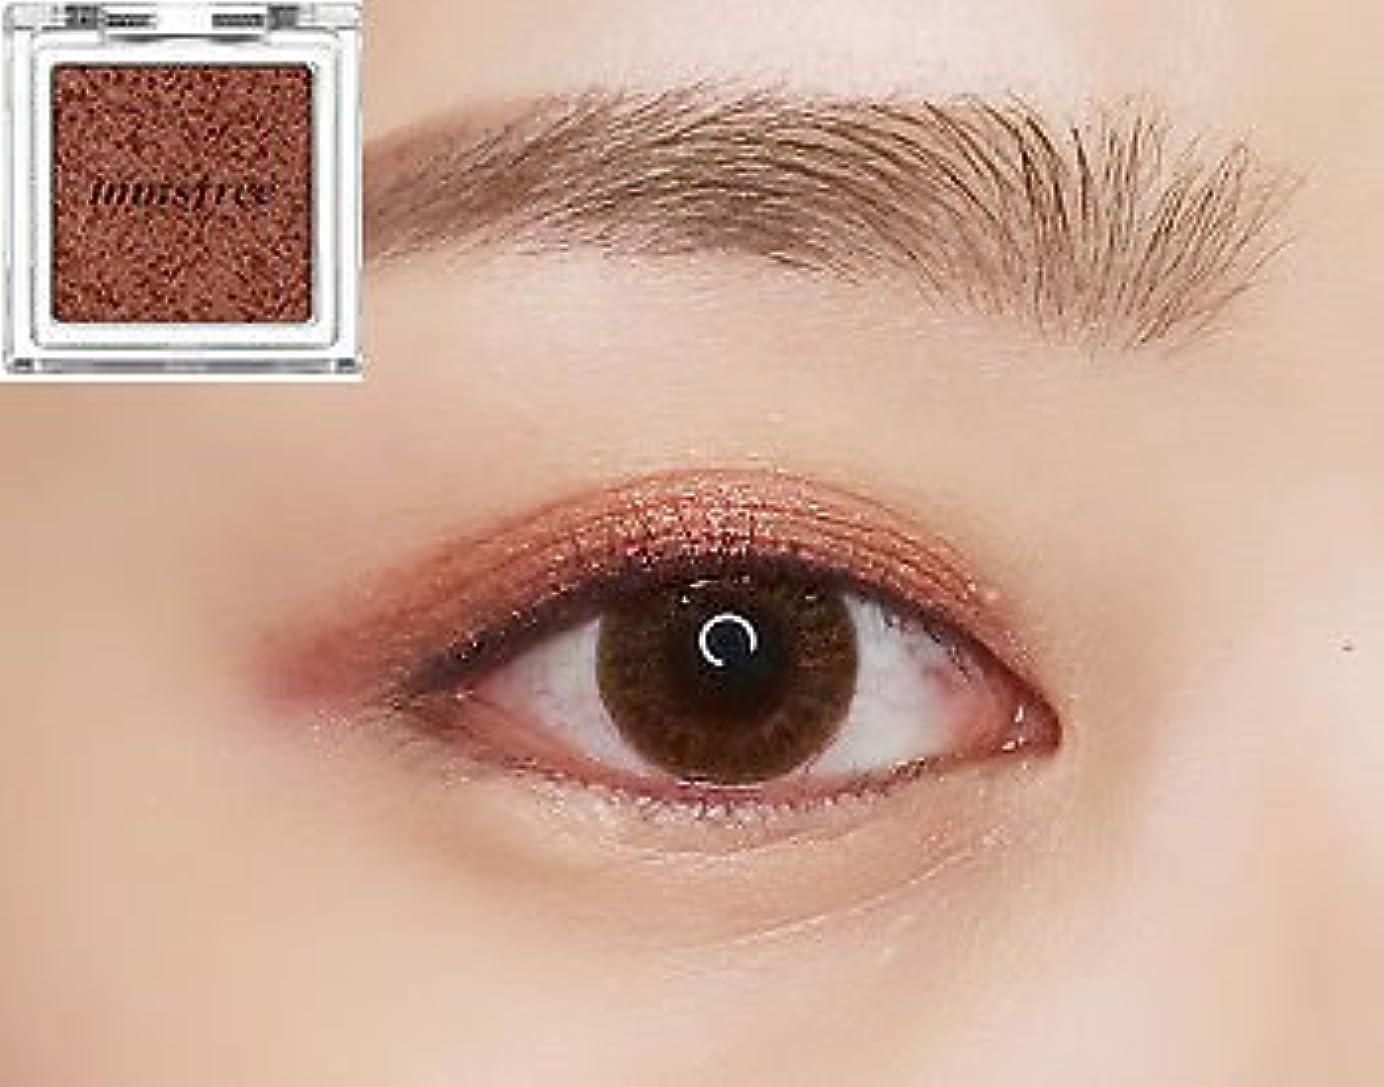 オペレーター願望早熟[イニスフリー] innisfree [マイ パレット マイ アイシャドウ (グリッタ一) 25カラー] MY PALETTE My Eyeshadow (Glitter) 25 Shades [海外直送品] (グリッタ...